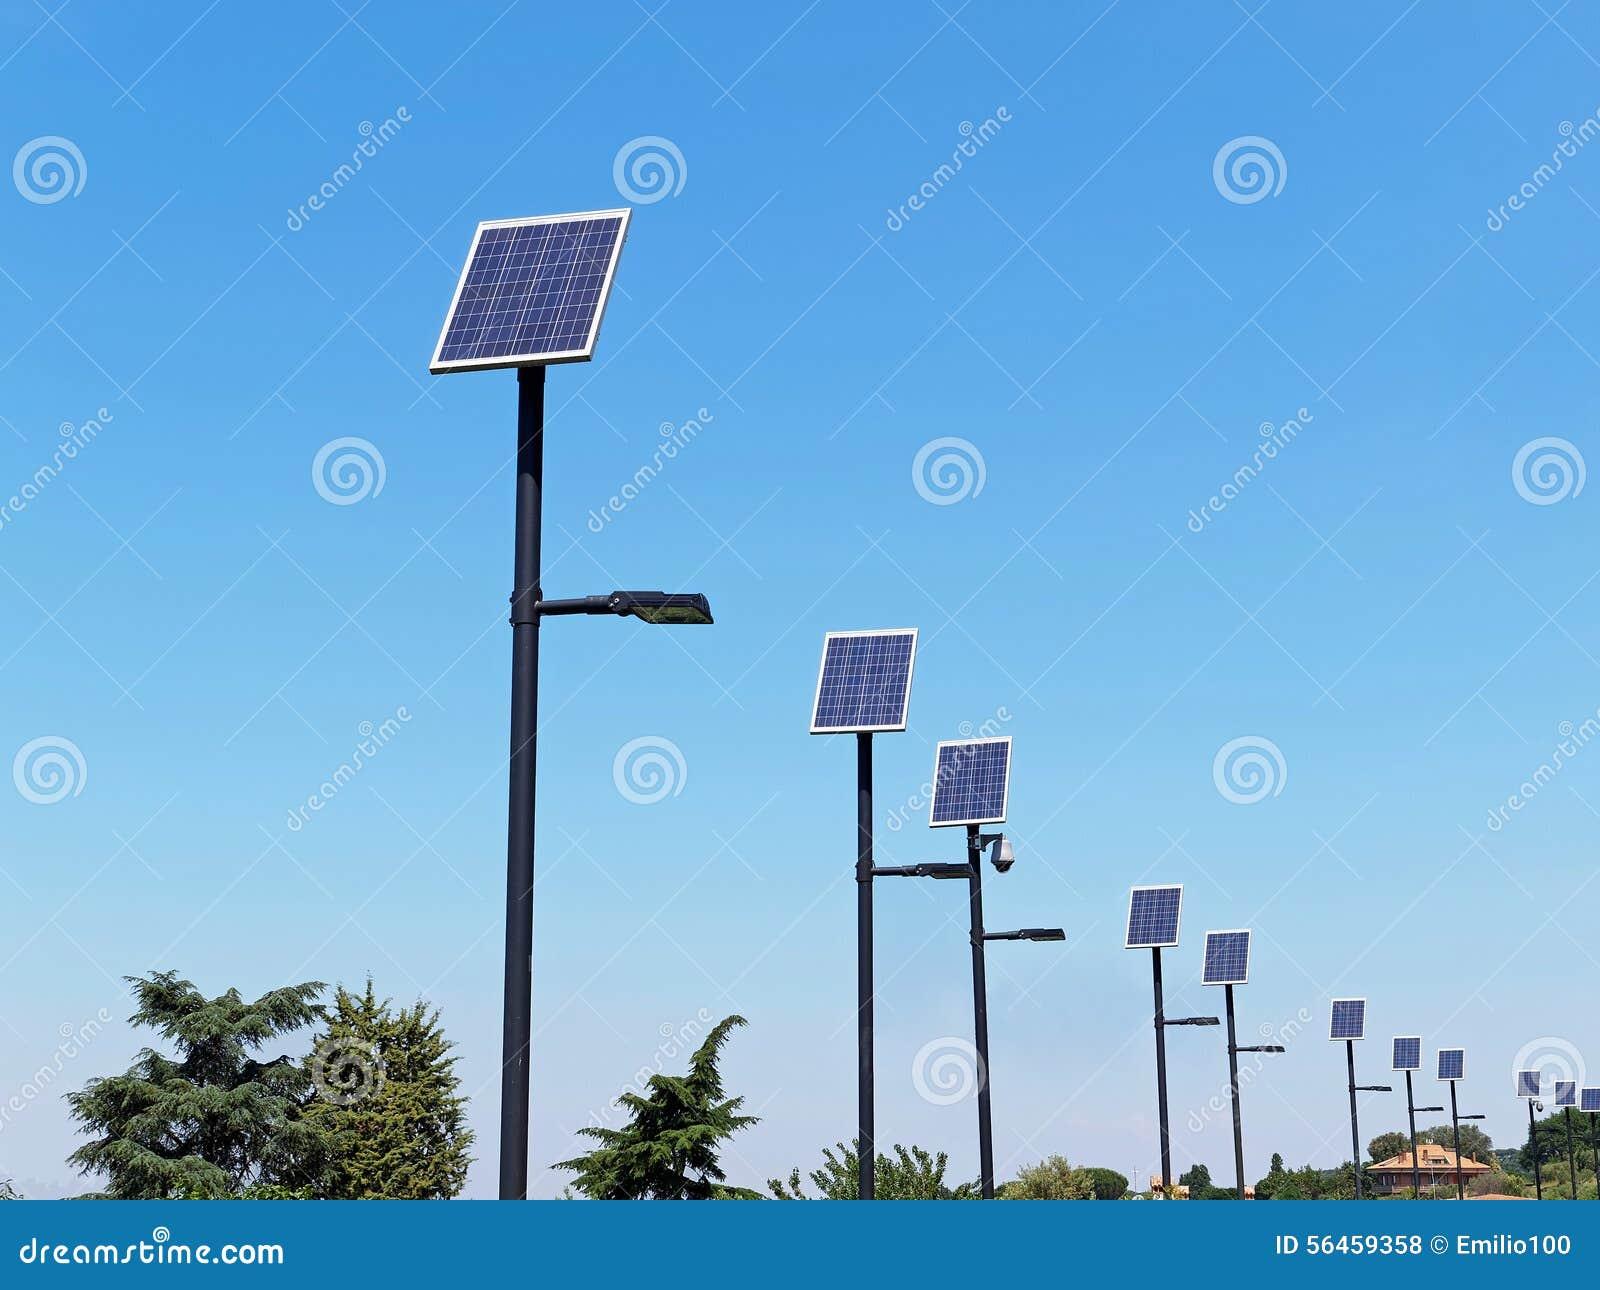 Pali illuminazione stradale con pannello fotovoltaico prezzi